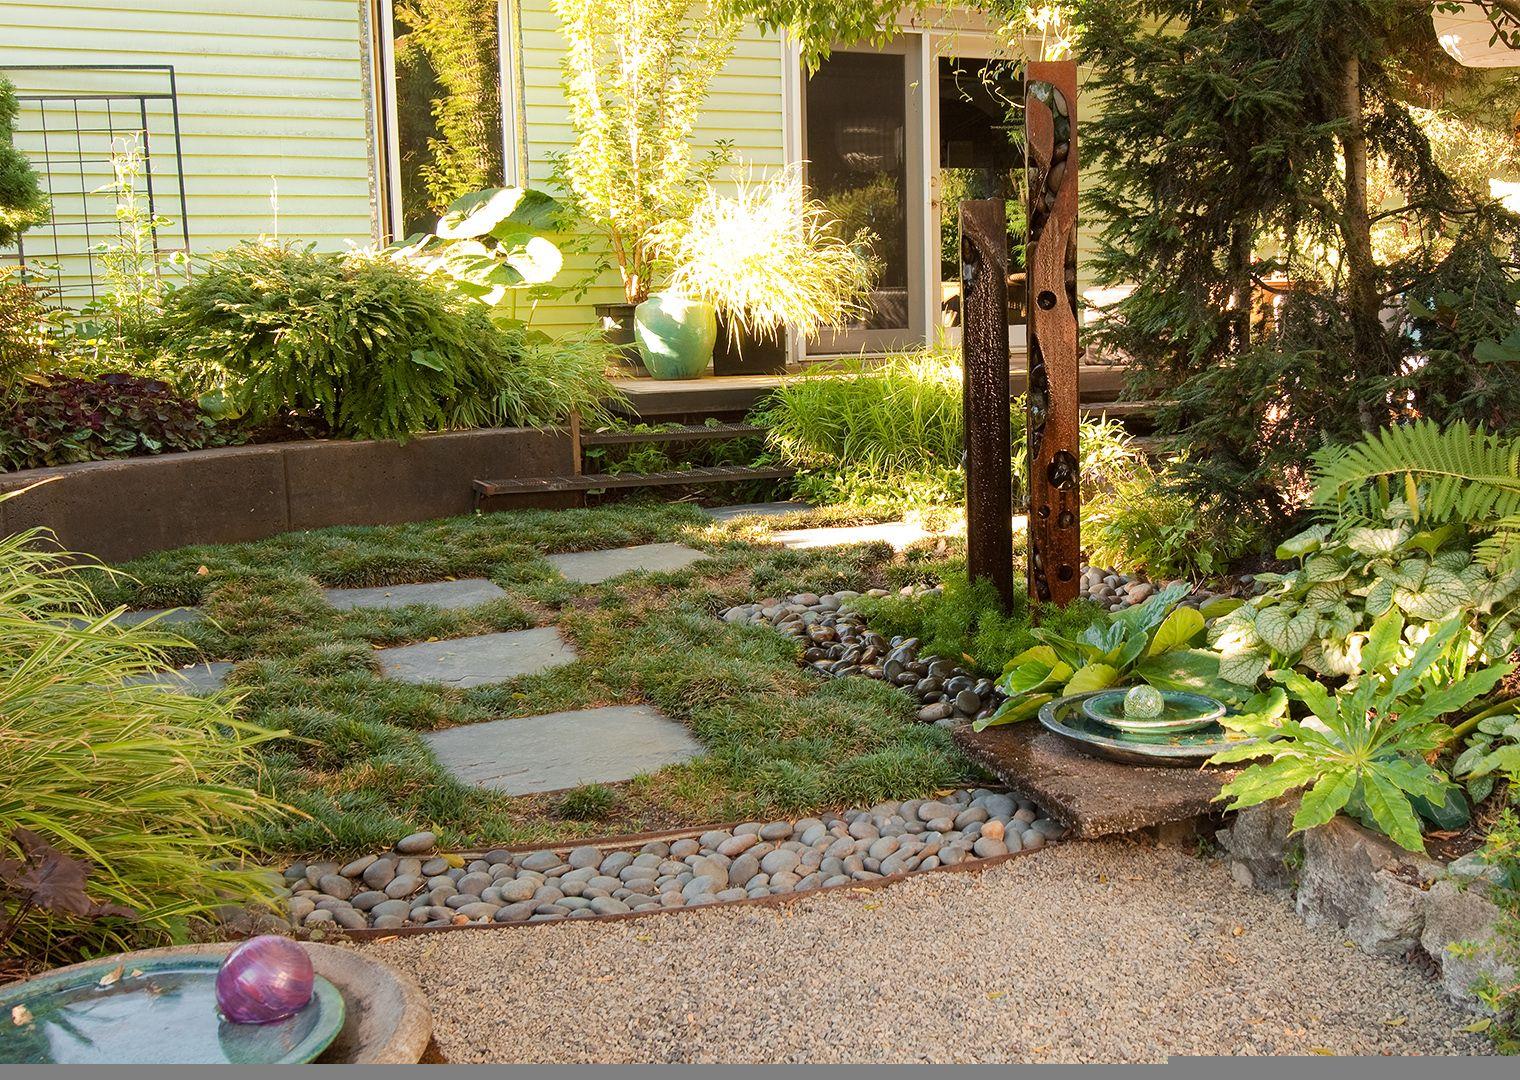 f8a253467eea0cc6adc2b42f5e213702 - Better Homes And Gardens Design Ideas